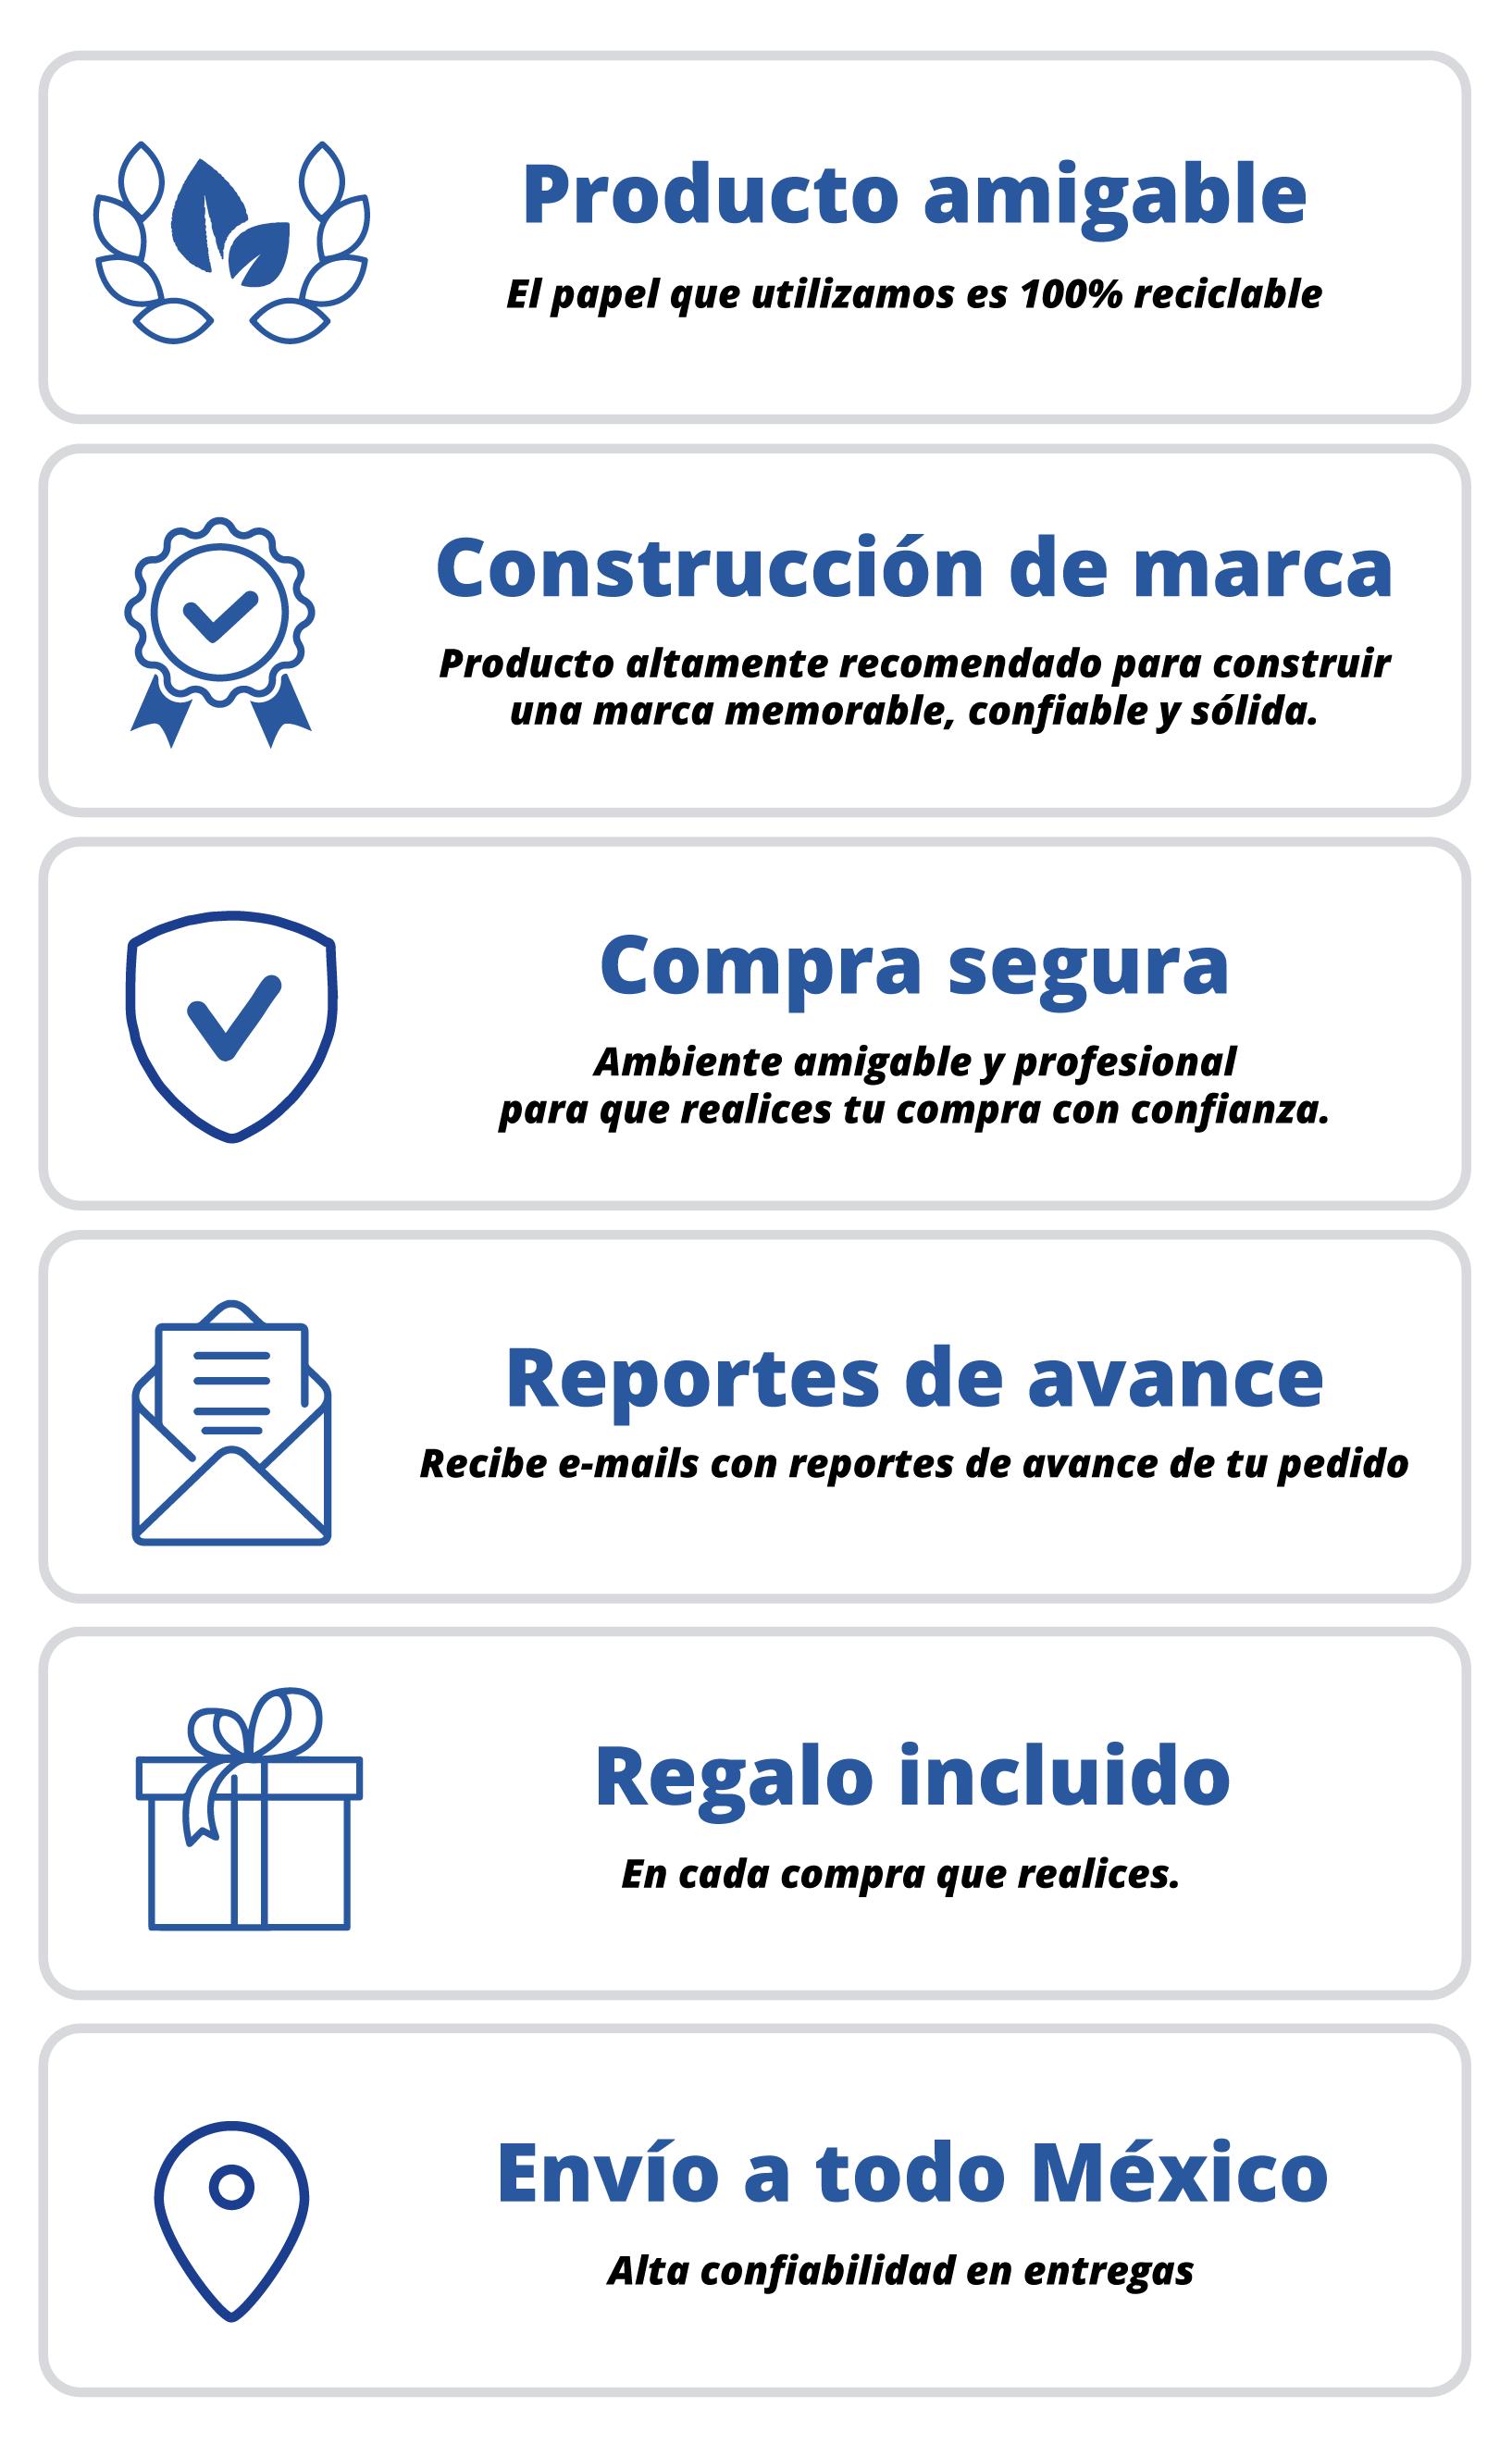 Folders corporativos, ventajas y beneficios impresshop.